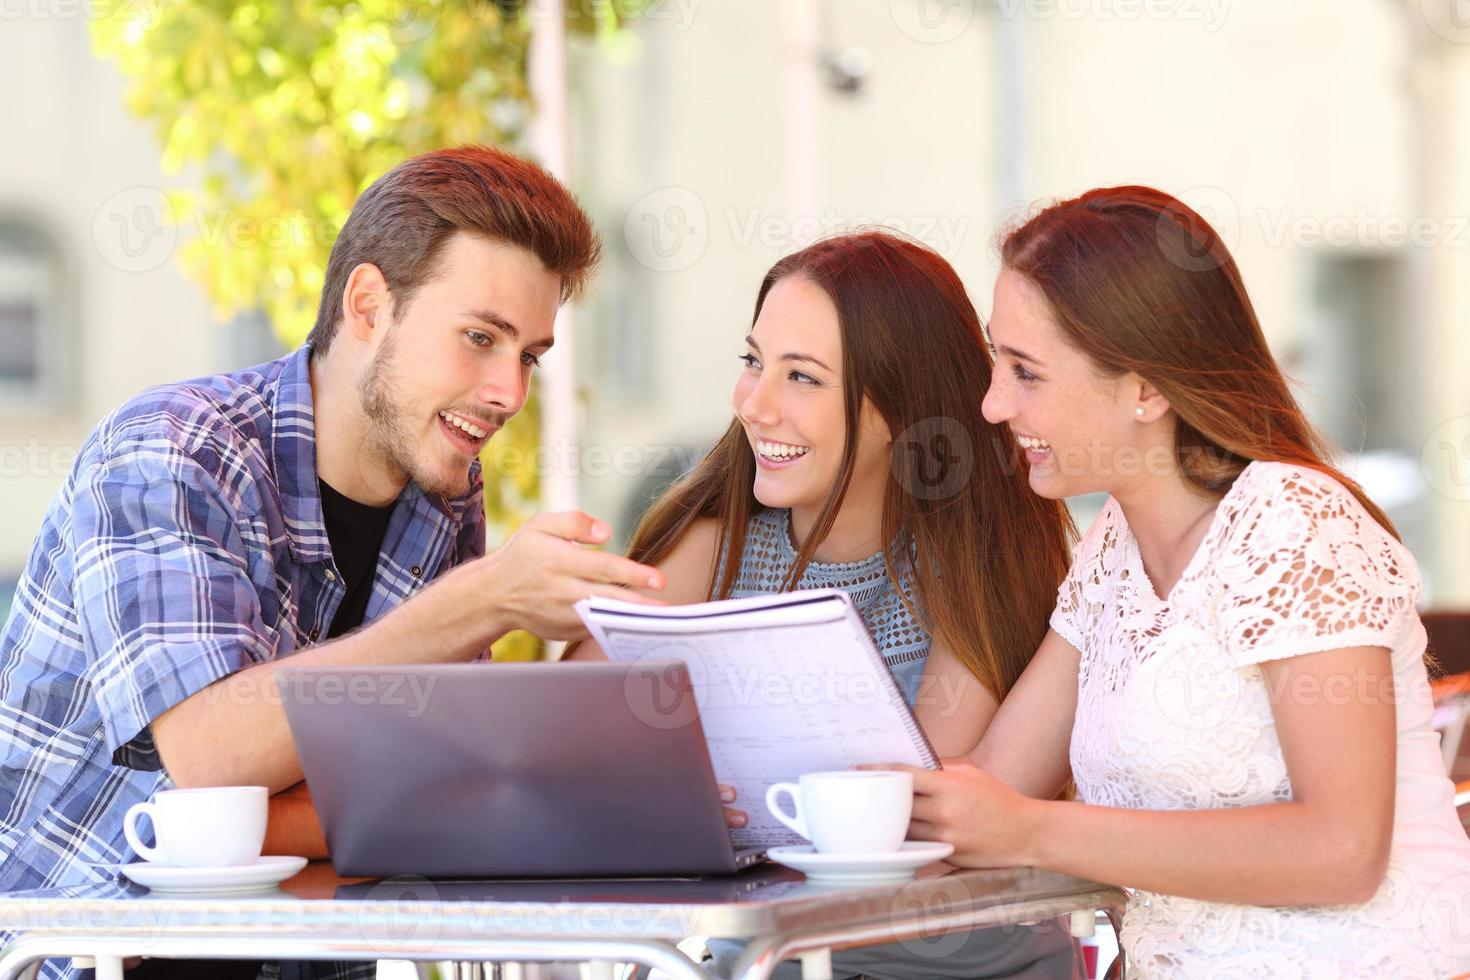 Drei Studenten lernen und lernen in einem Café foto